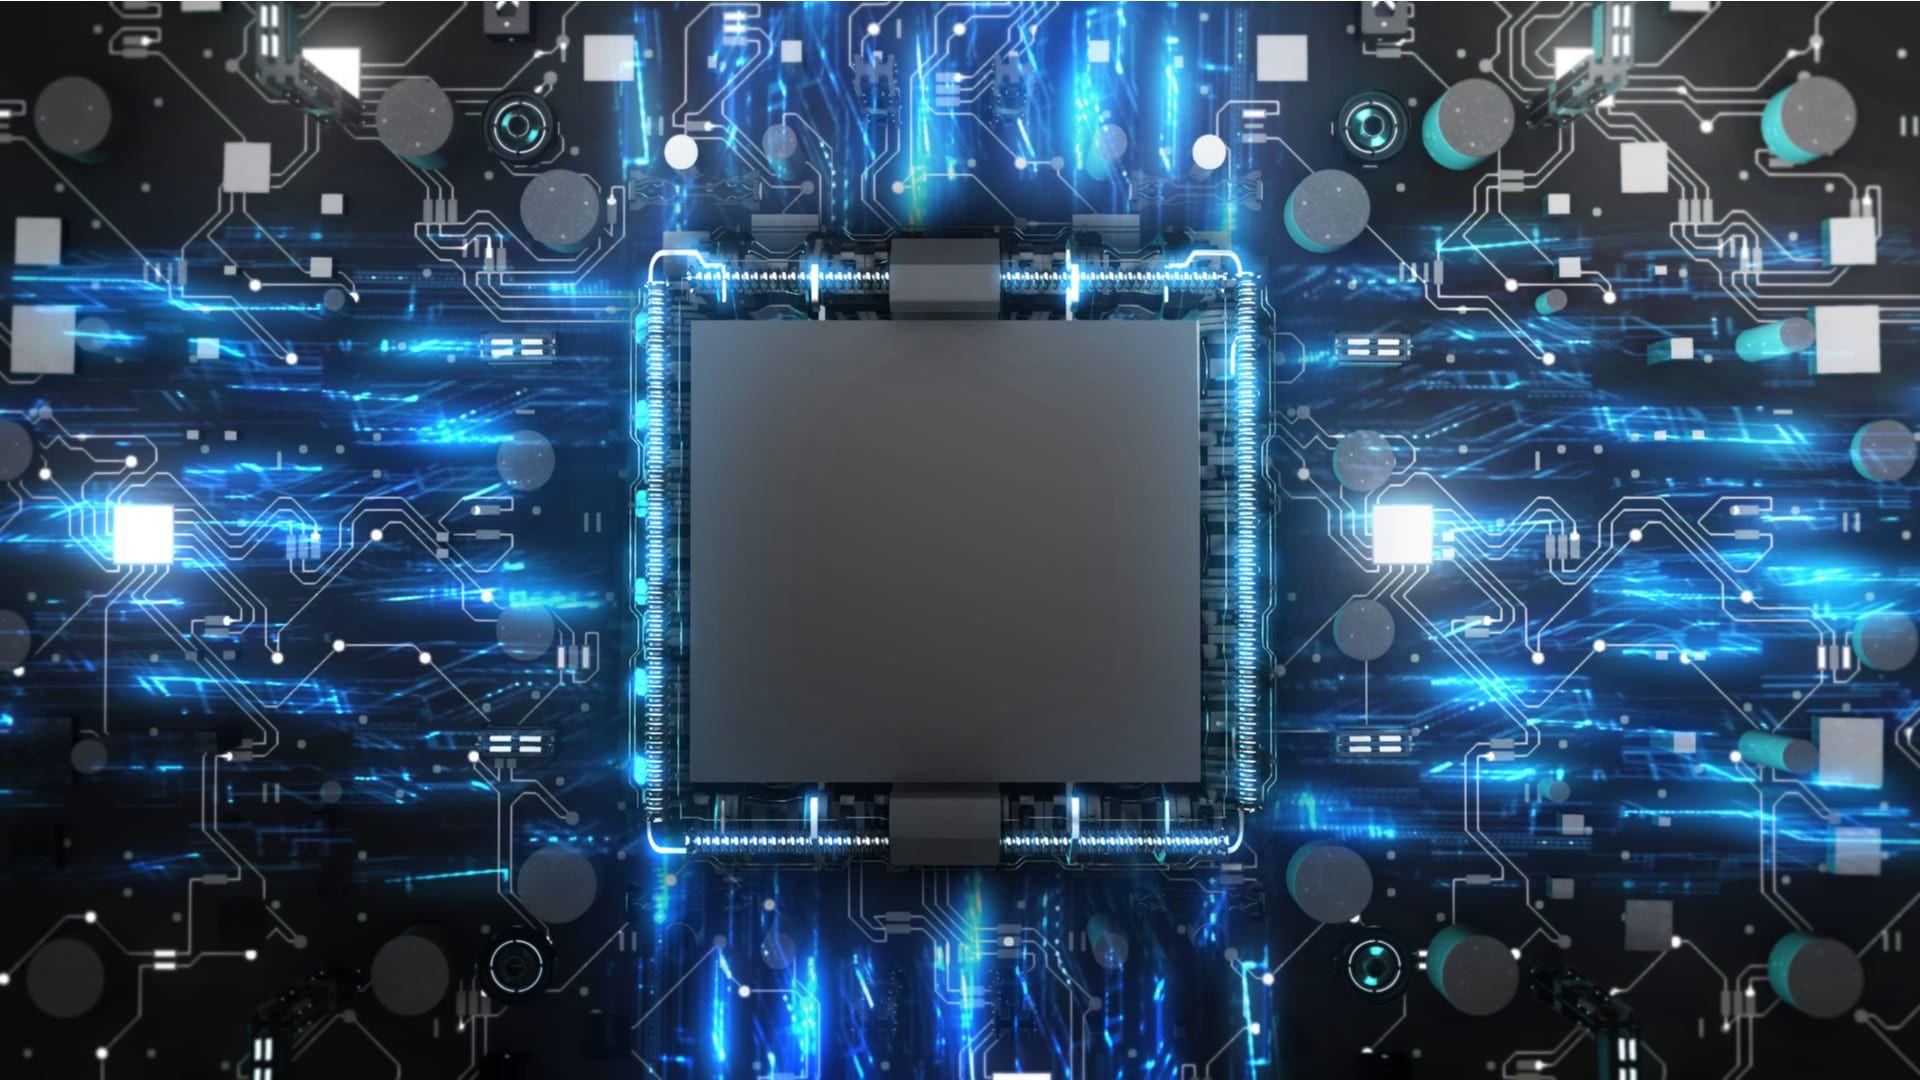 Veja detalhes do processador do PC gamer completo Dell XPS-8940 (Foto: Reprodução/Shutterstock)